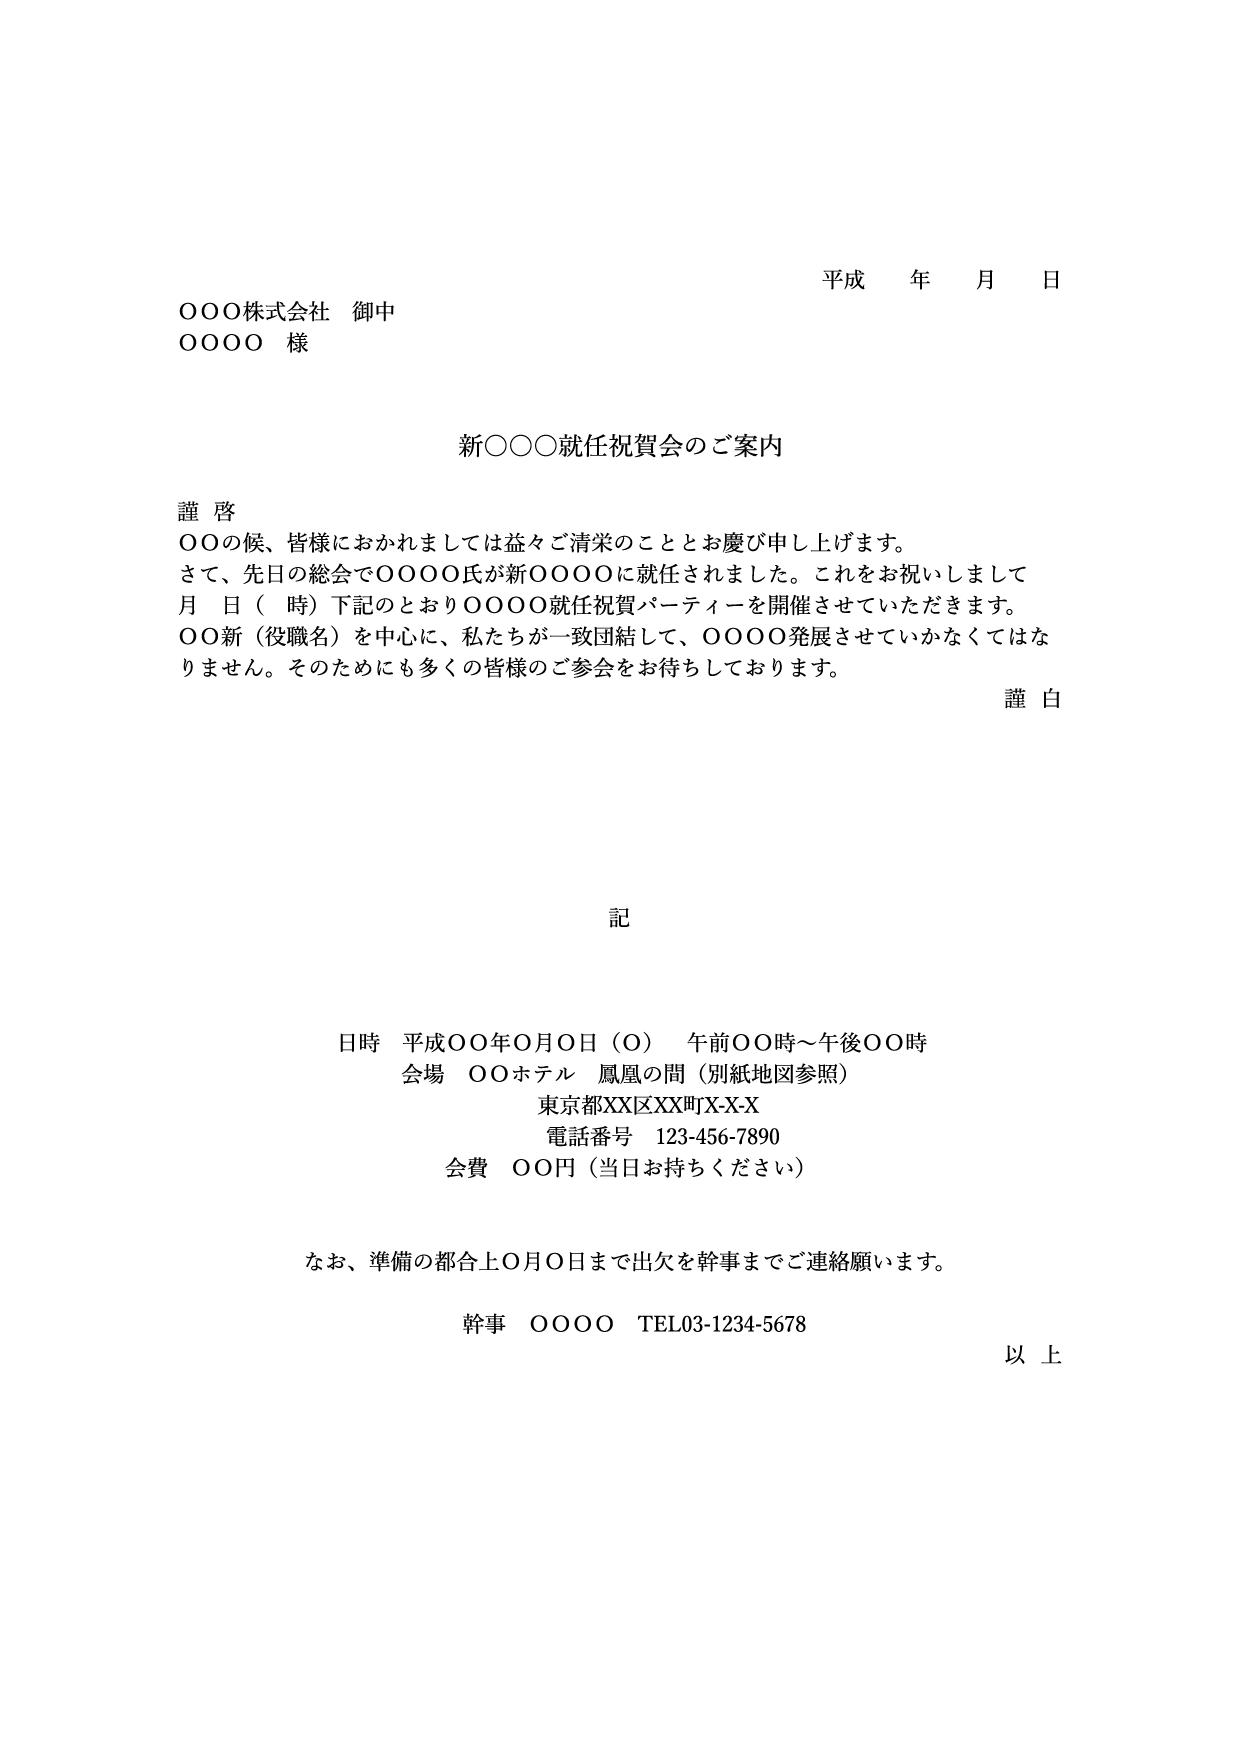 案内状テンプレート_祝賀会(ワード・ページズ)